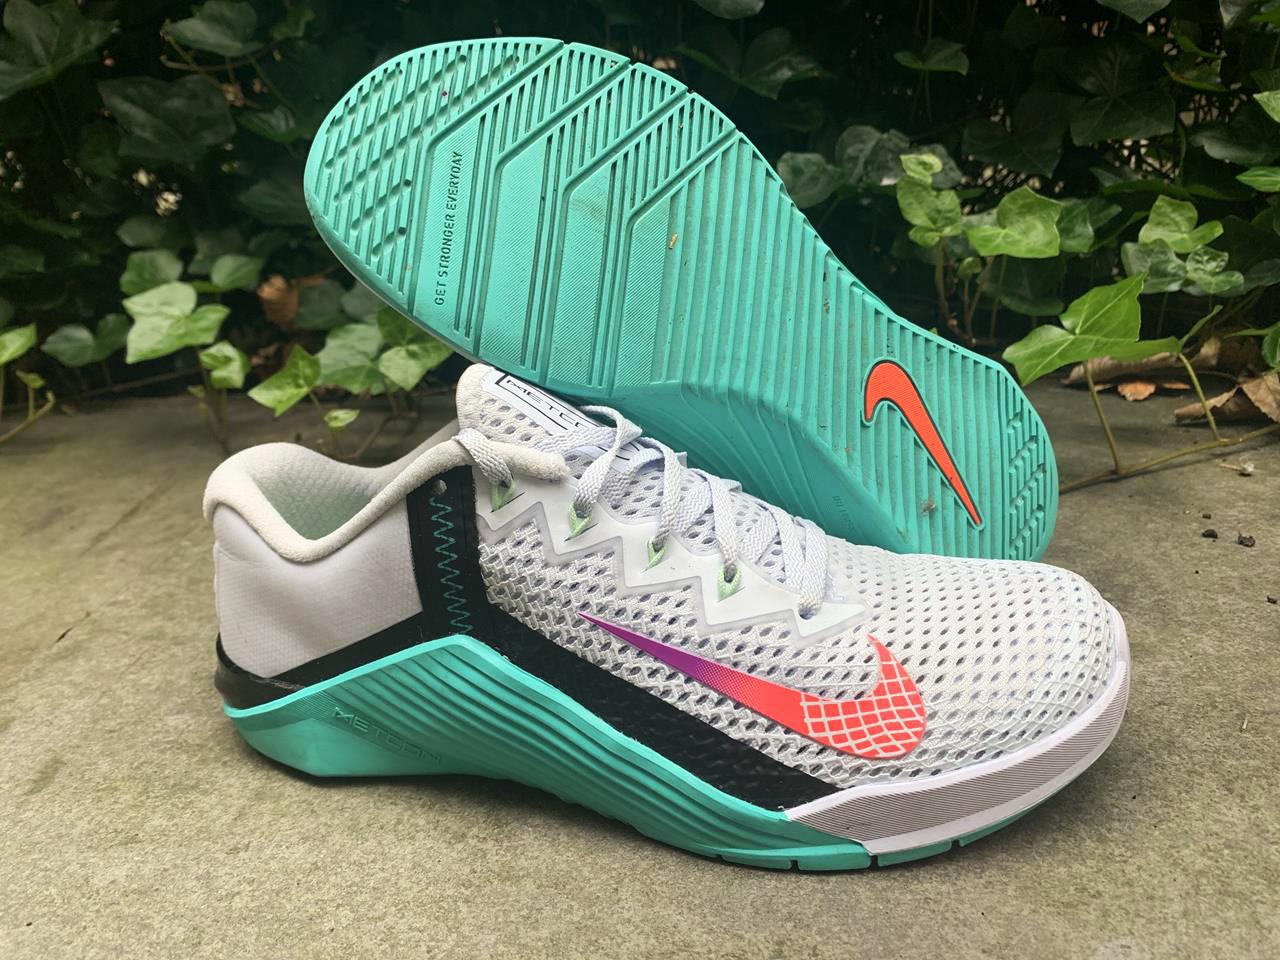 Nike Metcon 6 - Pair